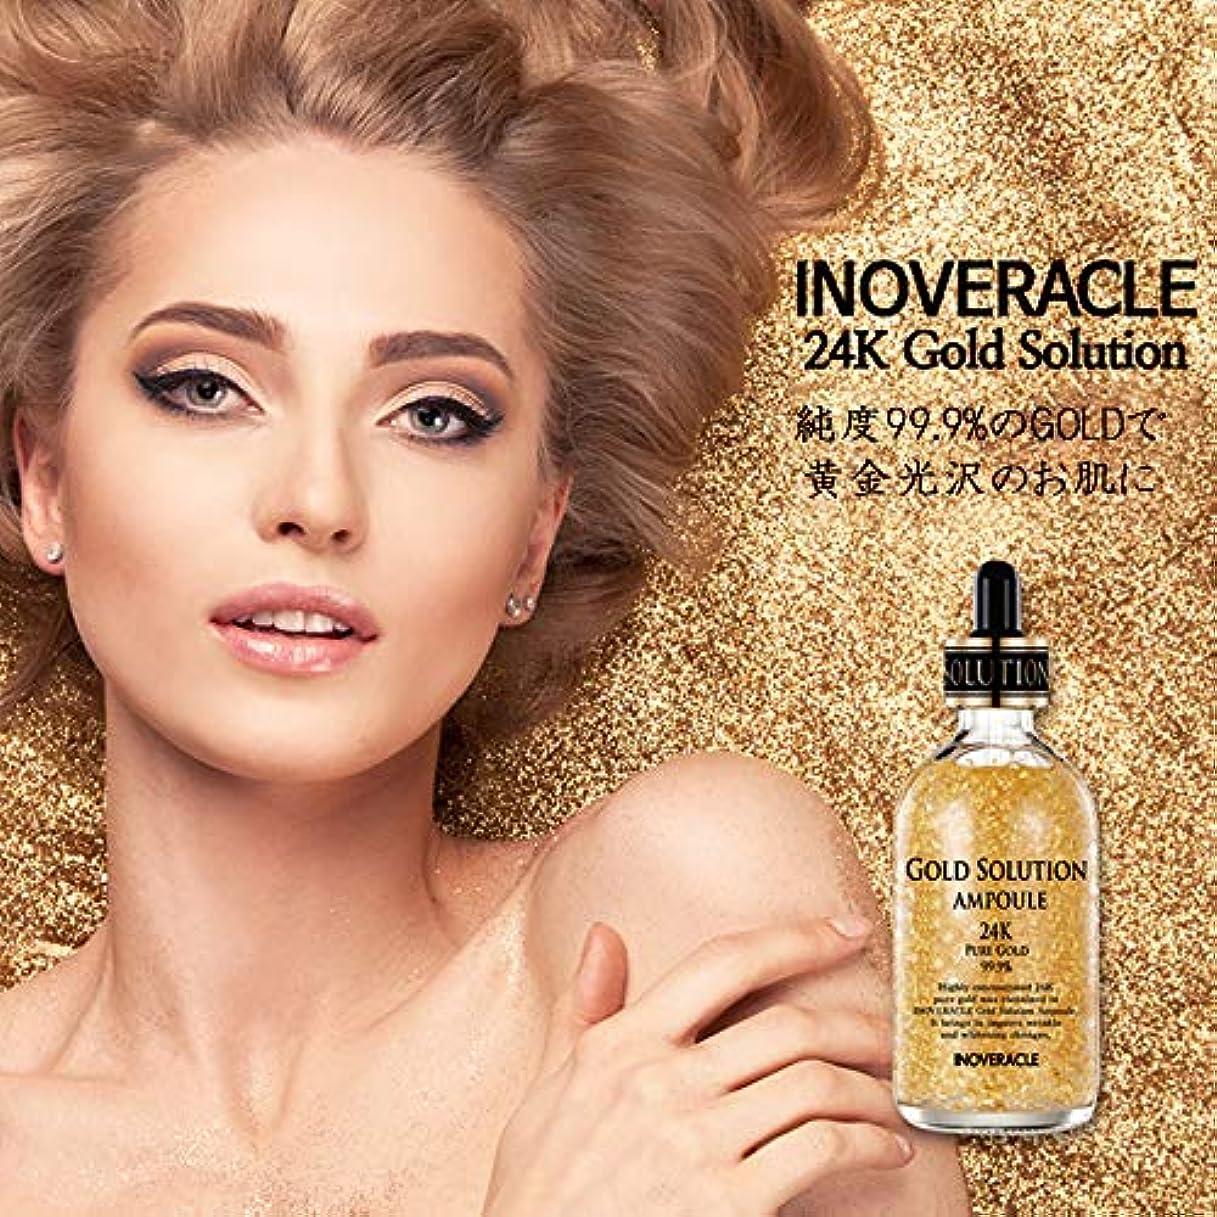 ギャンブル彼女退化するINOVERACLE GOLD SOLUTION AMPOULE 24K 99.9% 純金 アンプル 100ml 美容液 スキンケア 韓国化粧品 光沢お肌 美白美容液